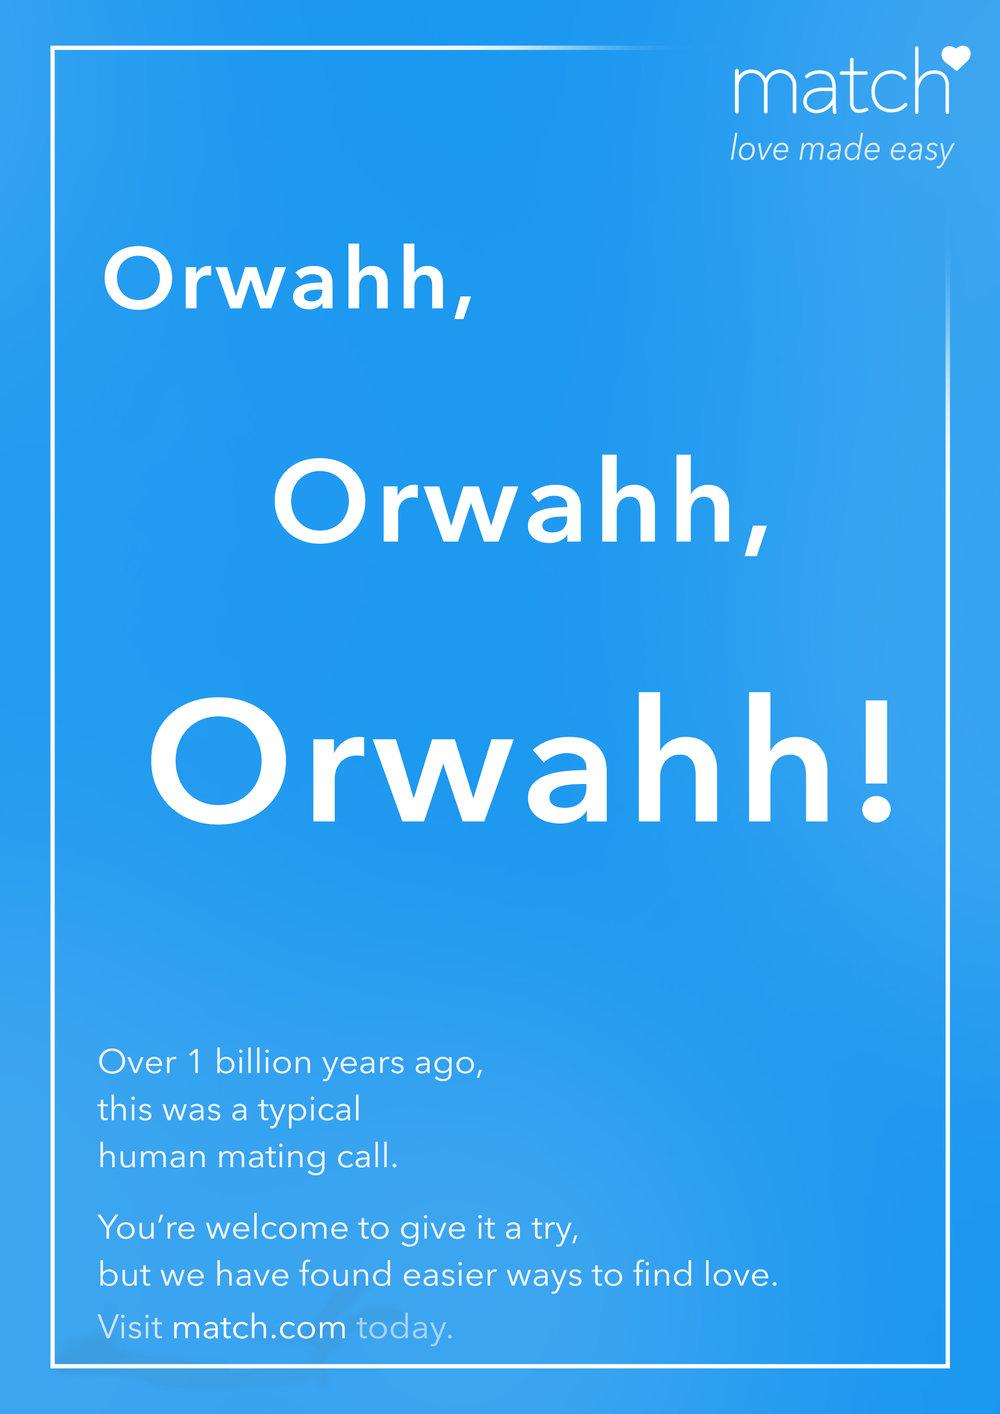 match mating call poster.jpg